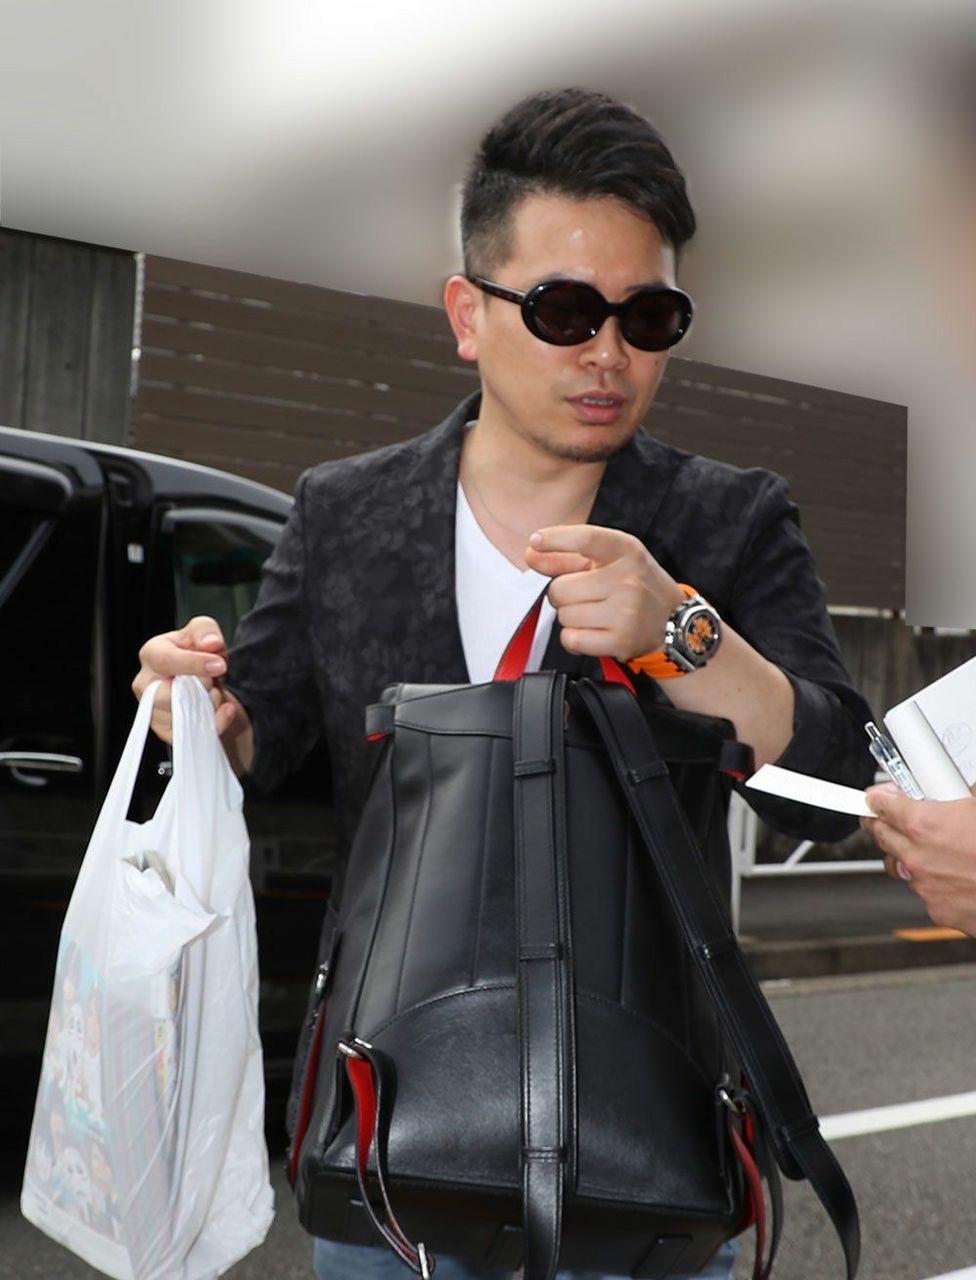 闇芸人の宮迫博之さん、高級腕時計(オーデマピゲ450万)を付けてて反省してないと判明